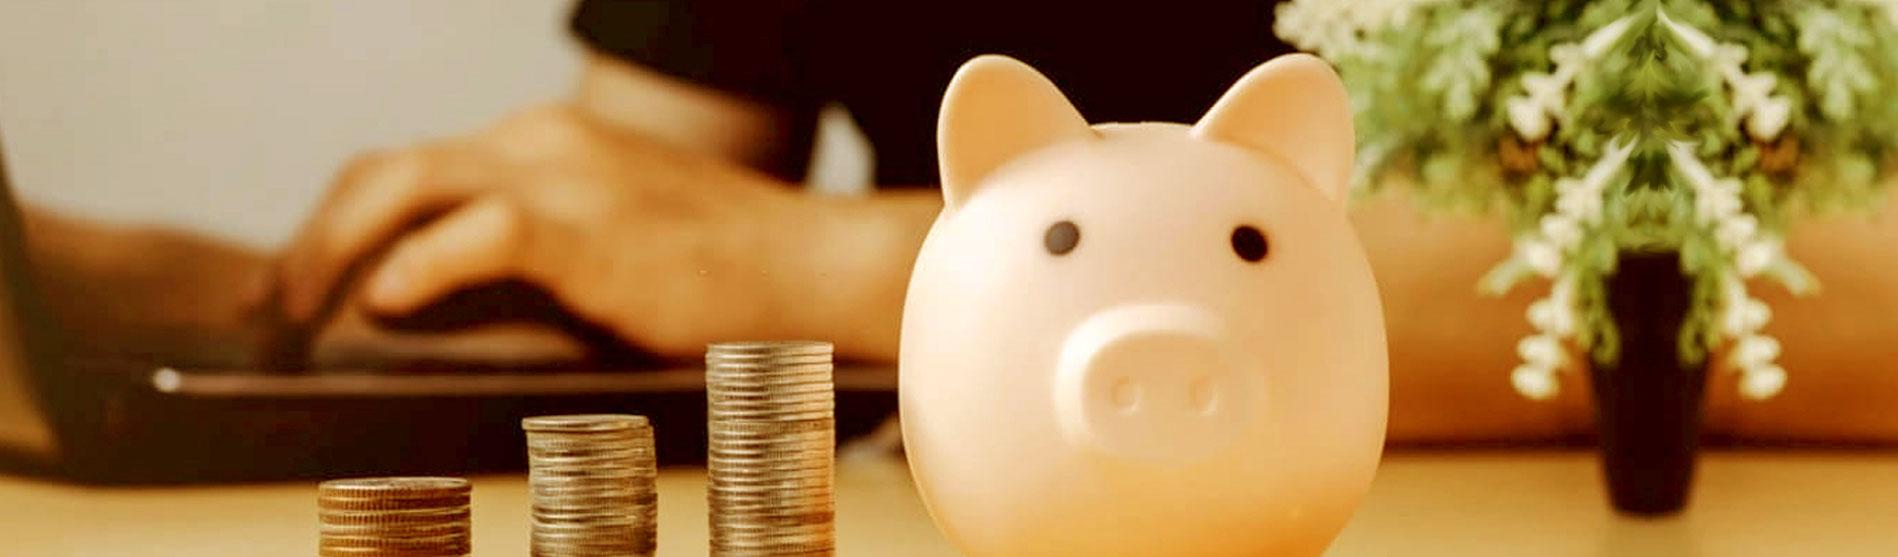 Alléger ses dépenses ou arrondir ses fins de mois grâce à internet